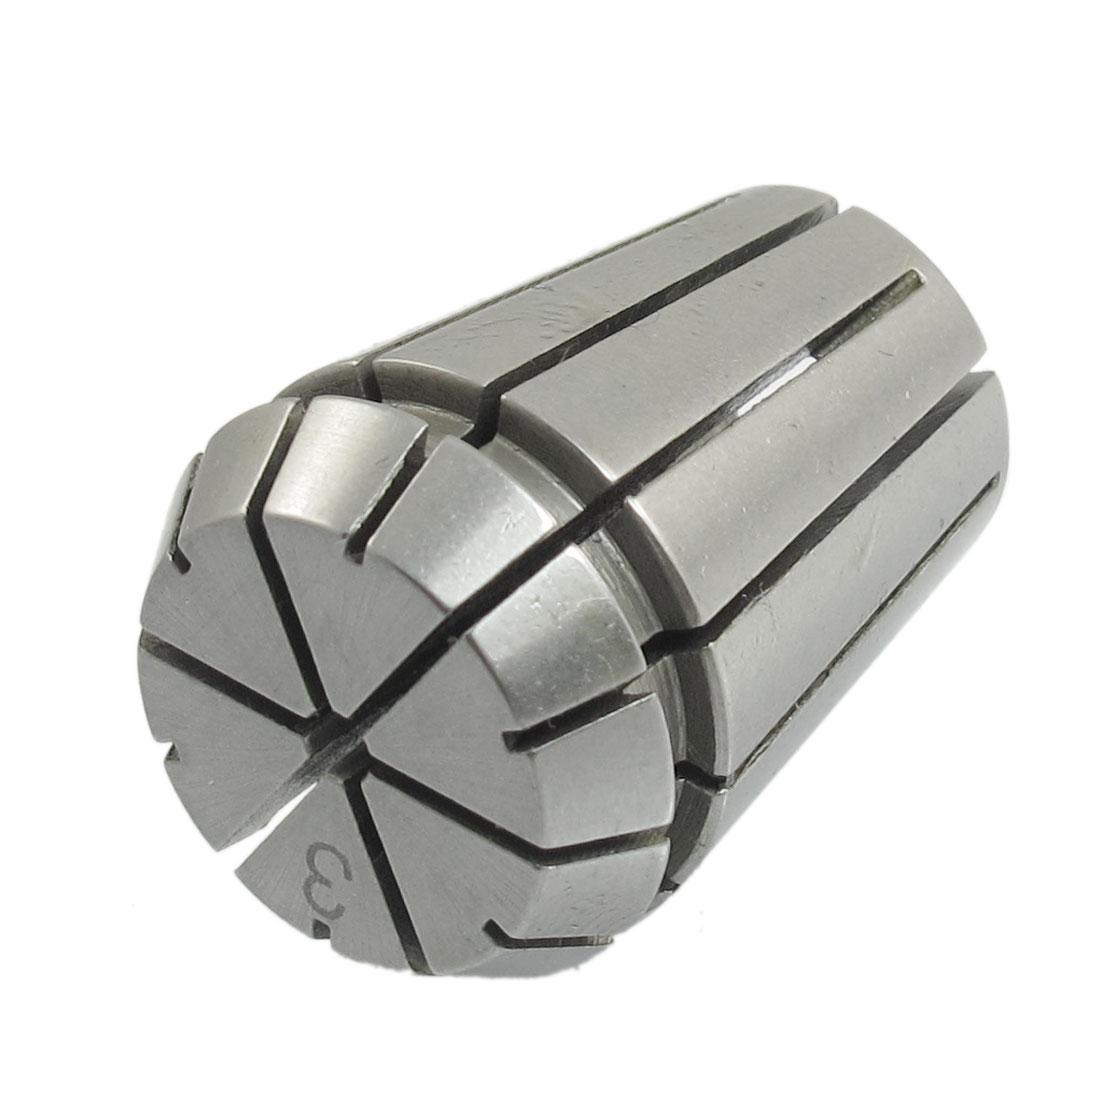 3mm Clamping Diameter CNC Milling Reaming Spring Collet Kit ER25-3